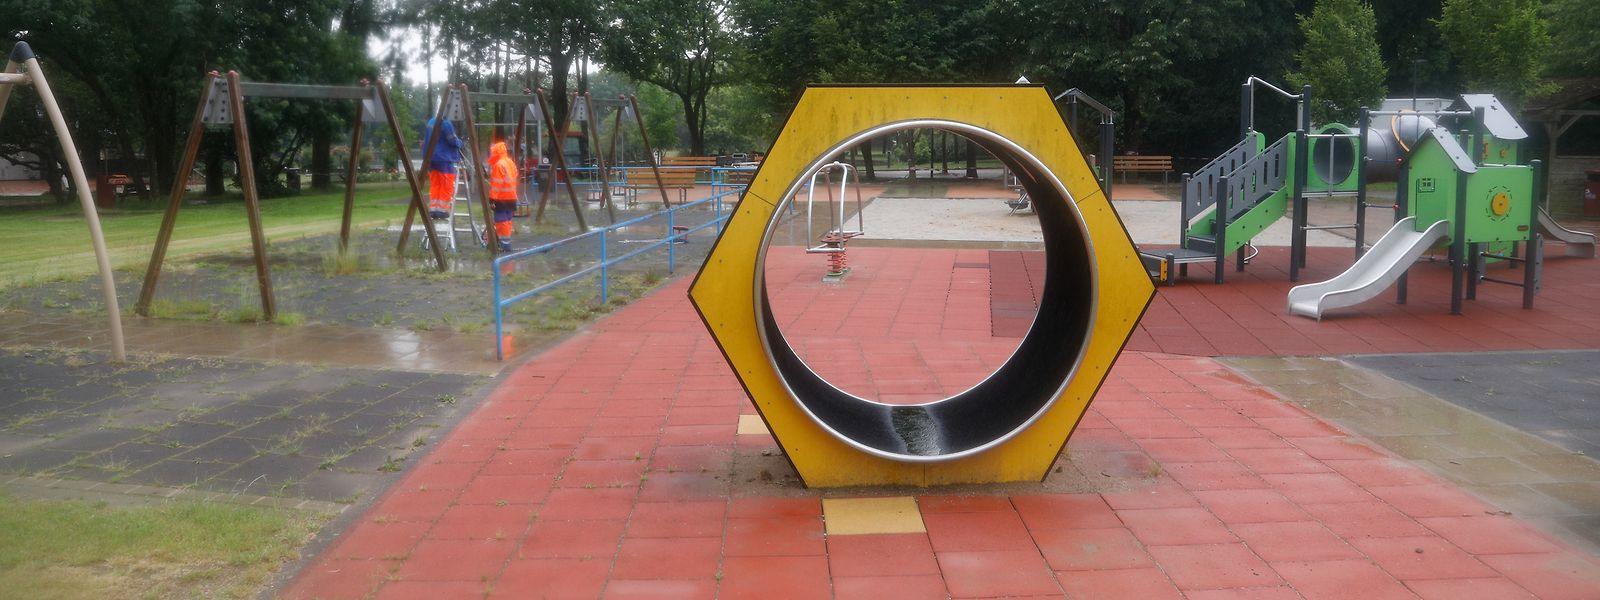 Die ersten Gemeinden haben bereits begonnen, die Spielplätze wieder herzurichten.